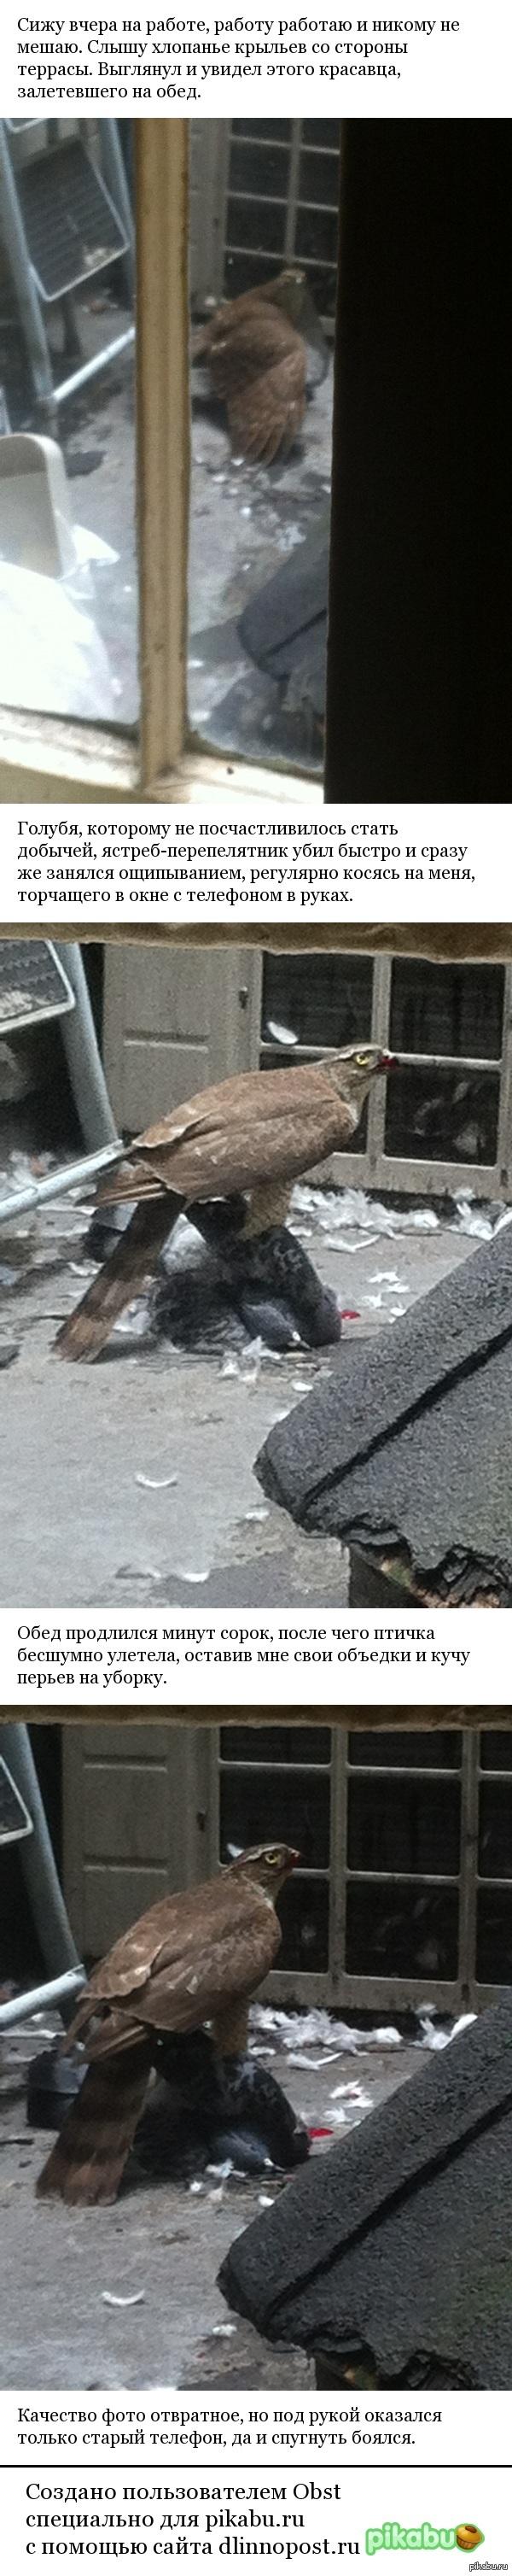 Посреди бела дня, в центре мегаполиса. Не знал, что хищные птицы охотятся в больших городах.